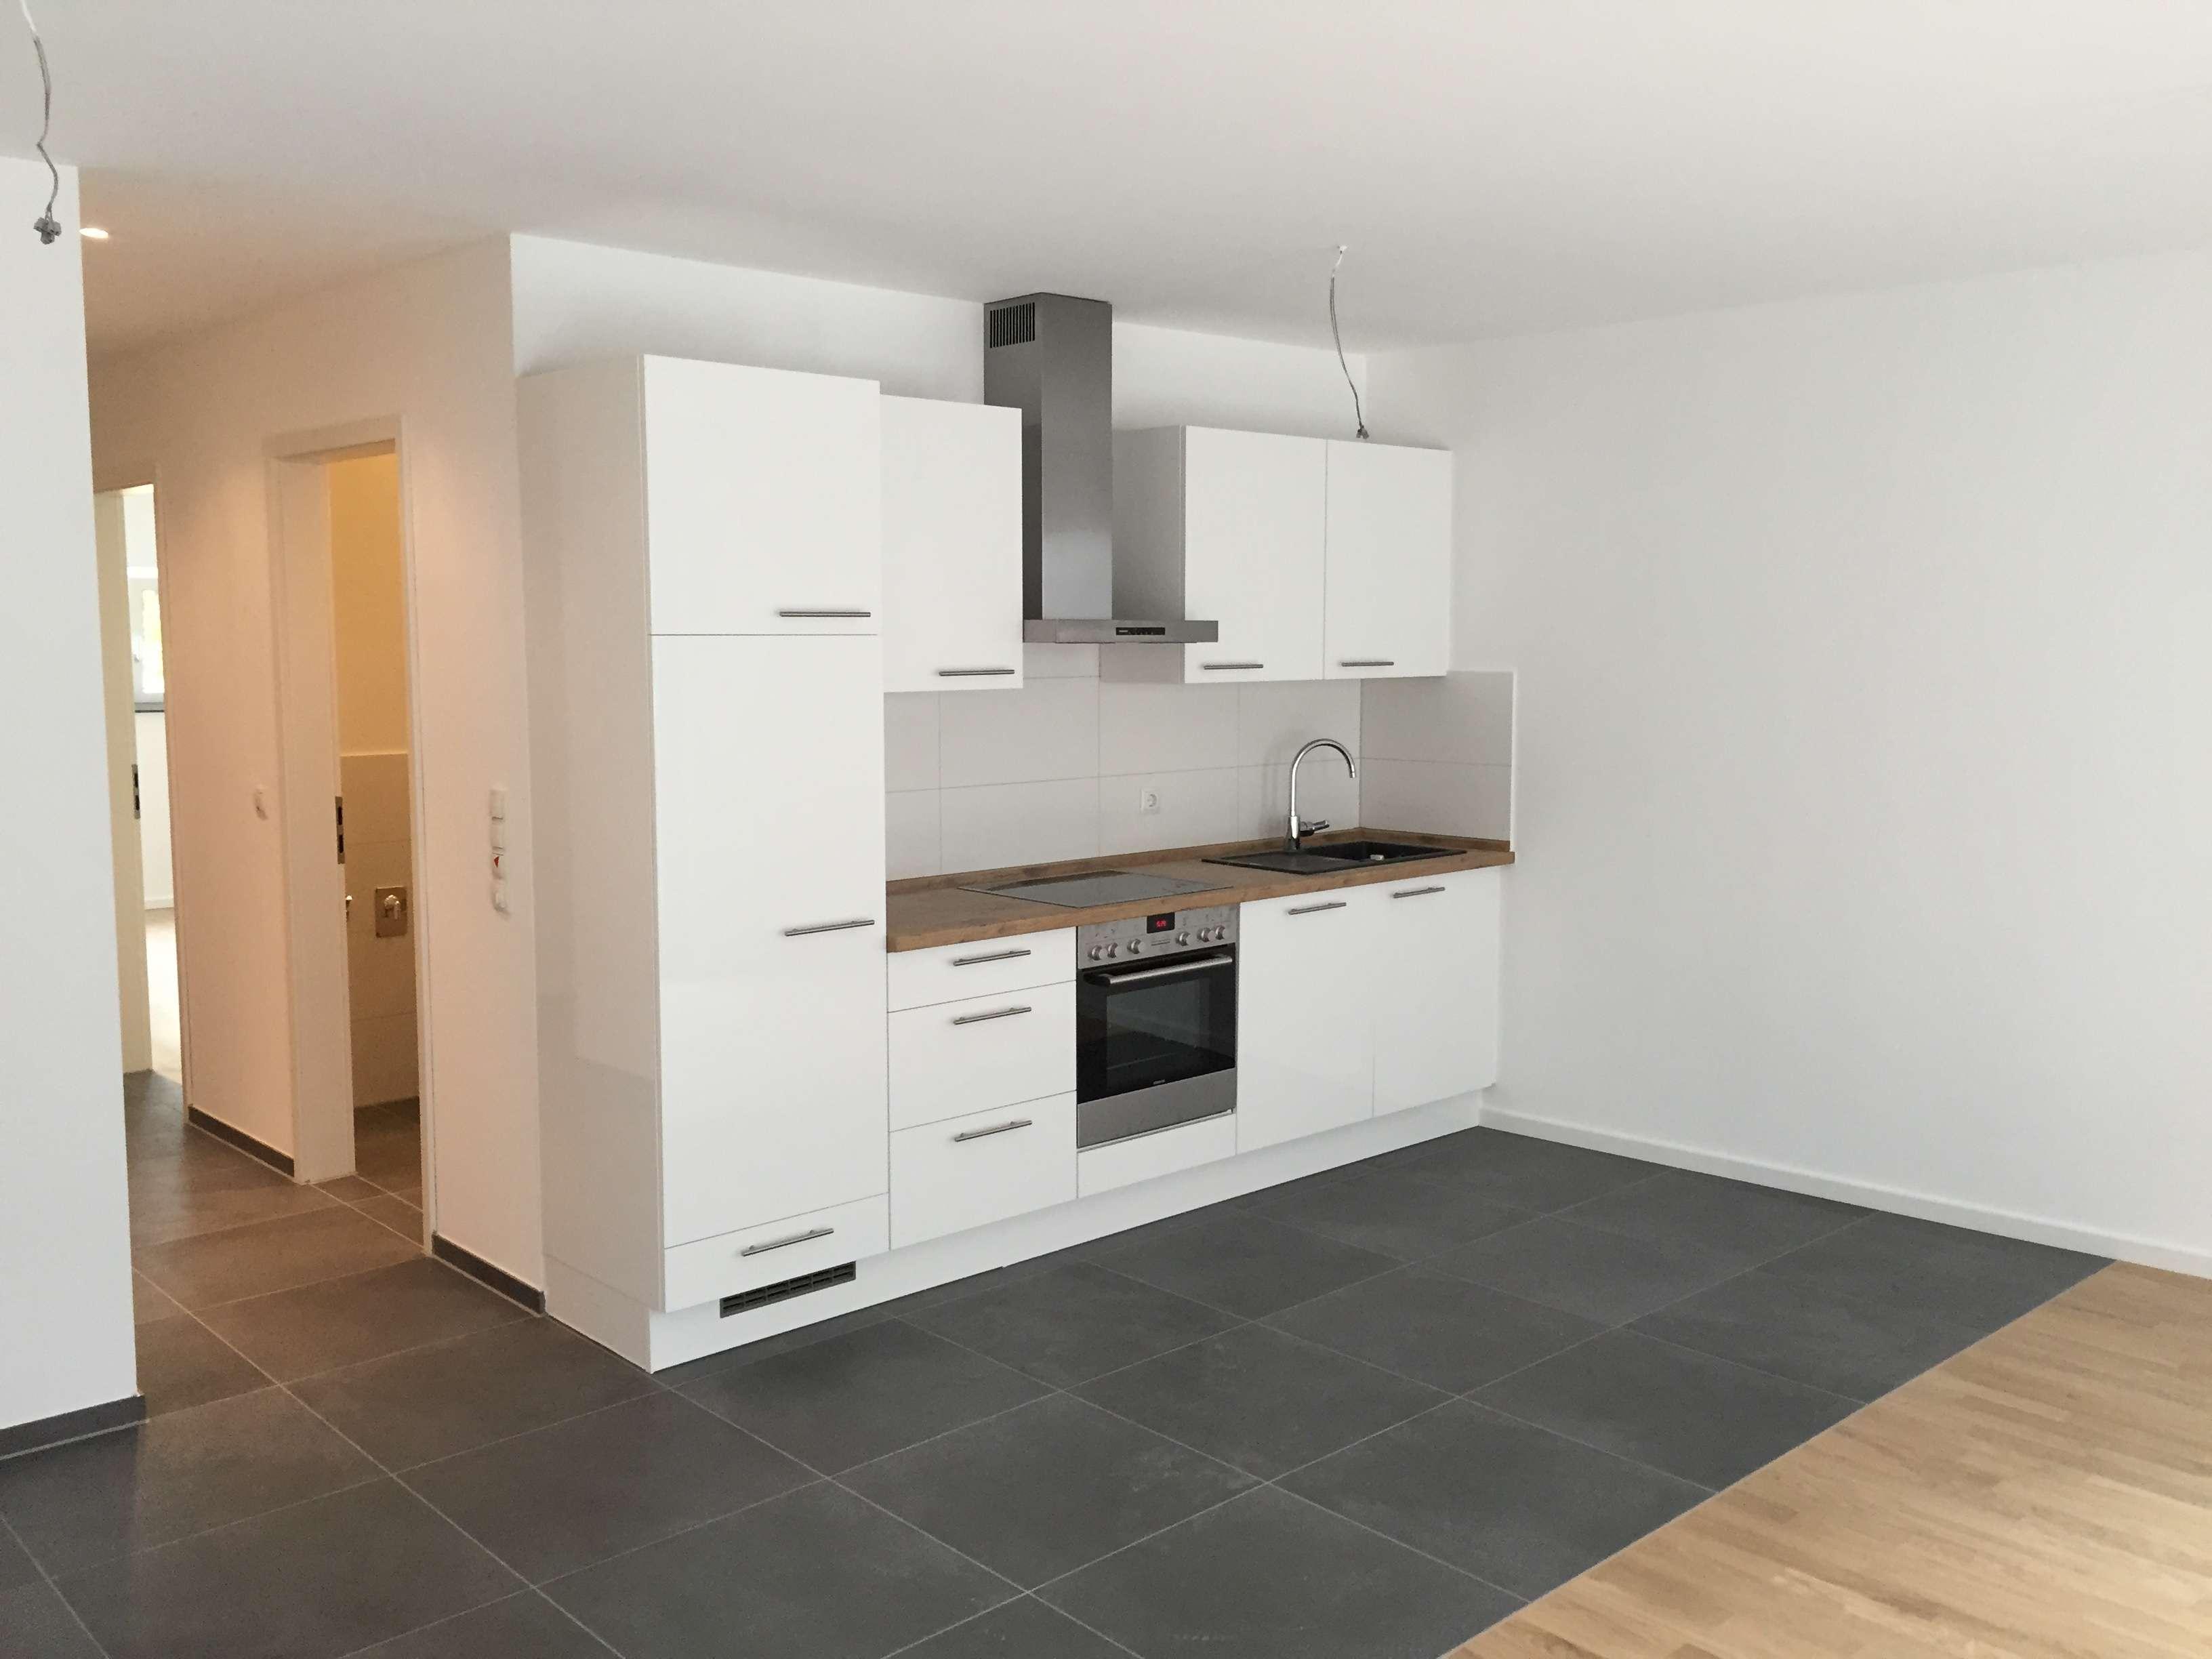 Neuwertige, 2-Zimmer-Wohnung mit Terrasse, exklusiver Einbauküche & Stellplatz in absoluter Citylage in Erlangen - Zentrum (Erlangen)